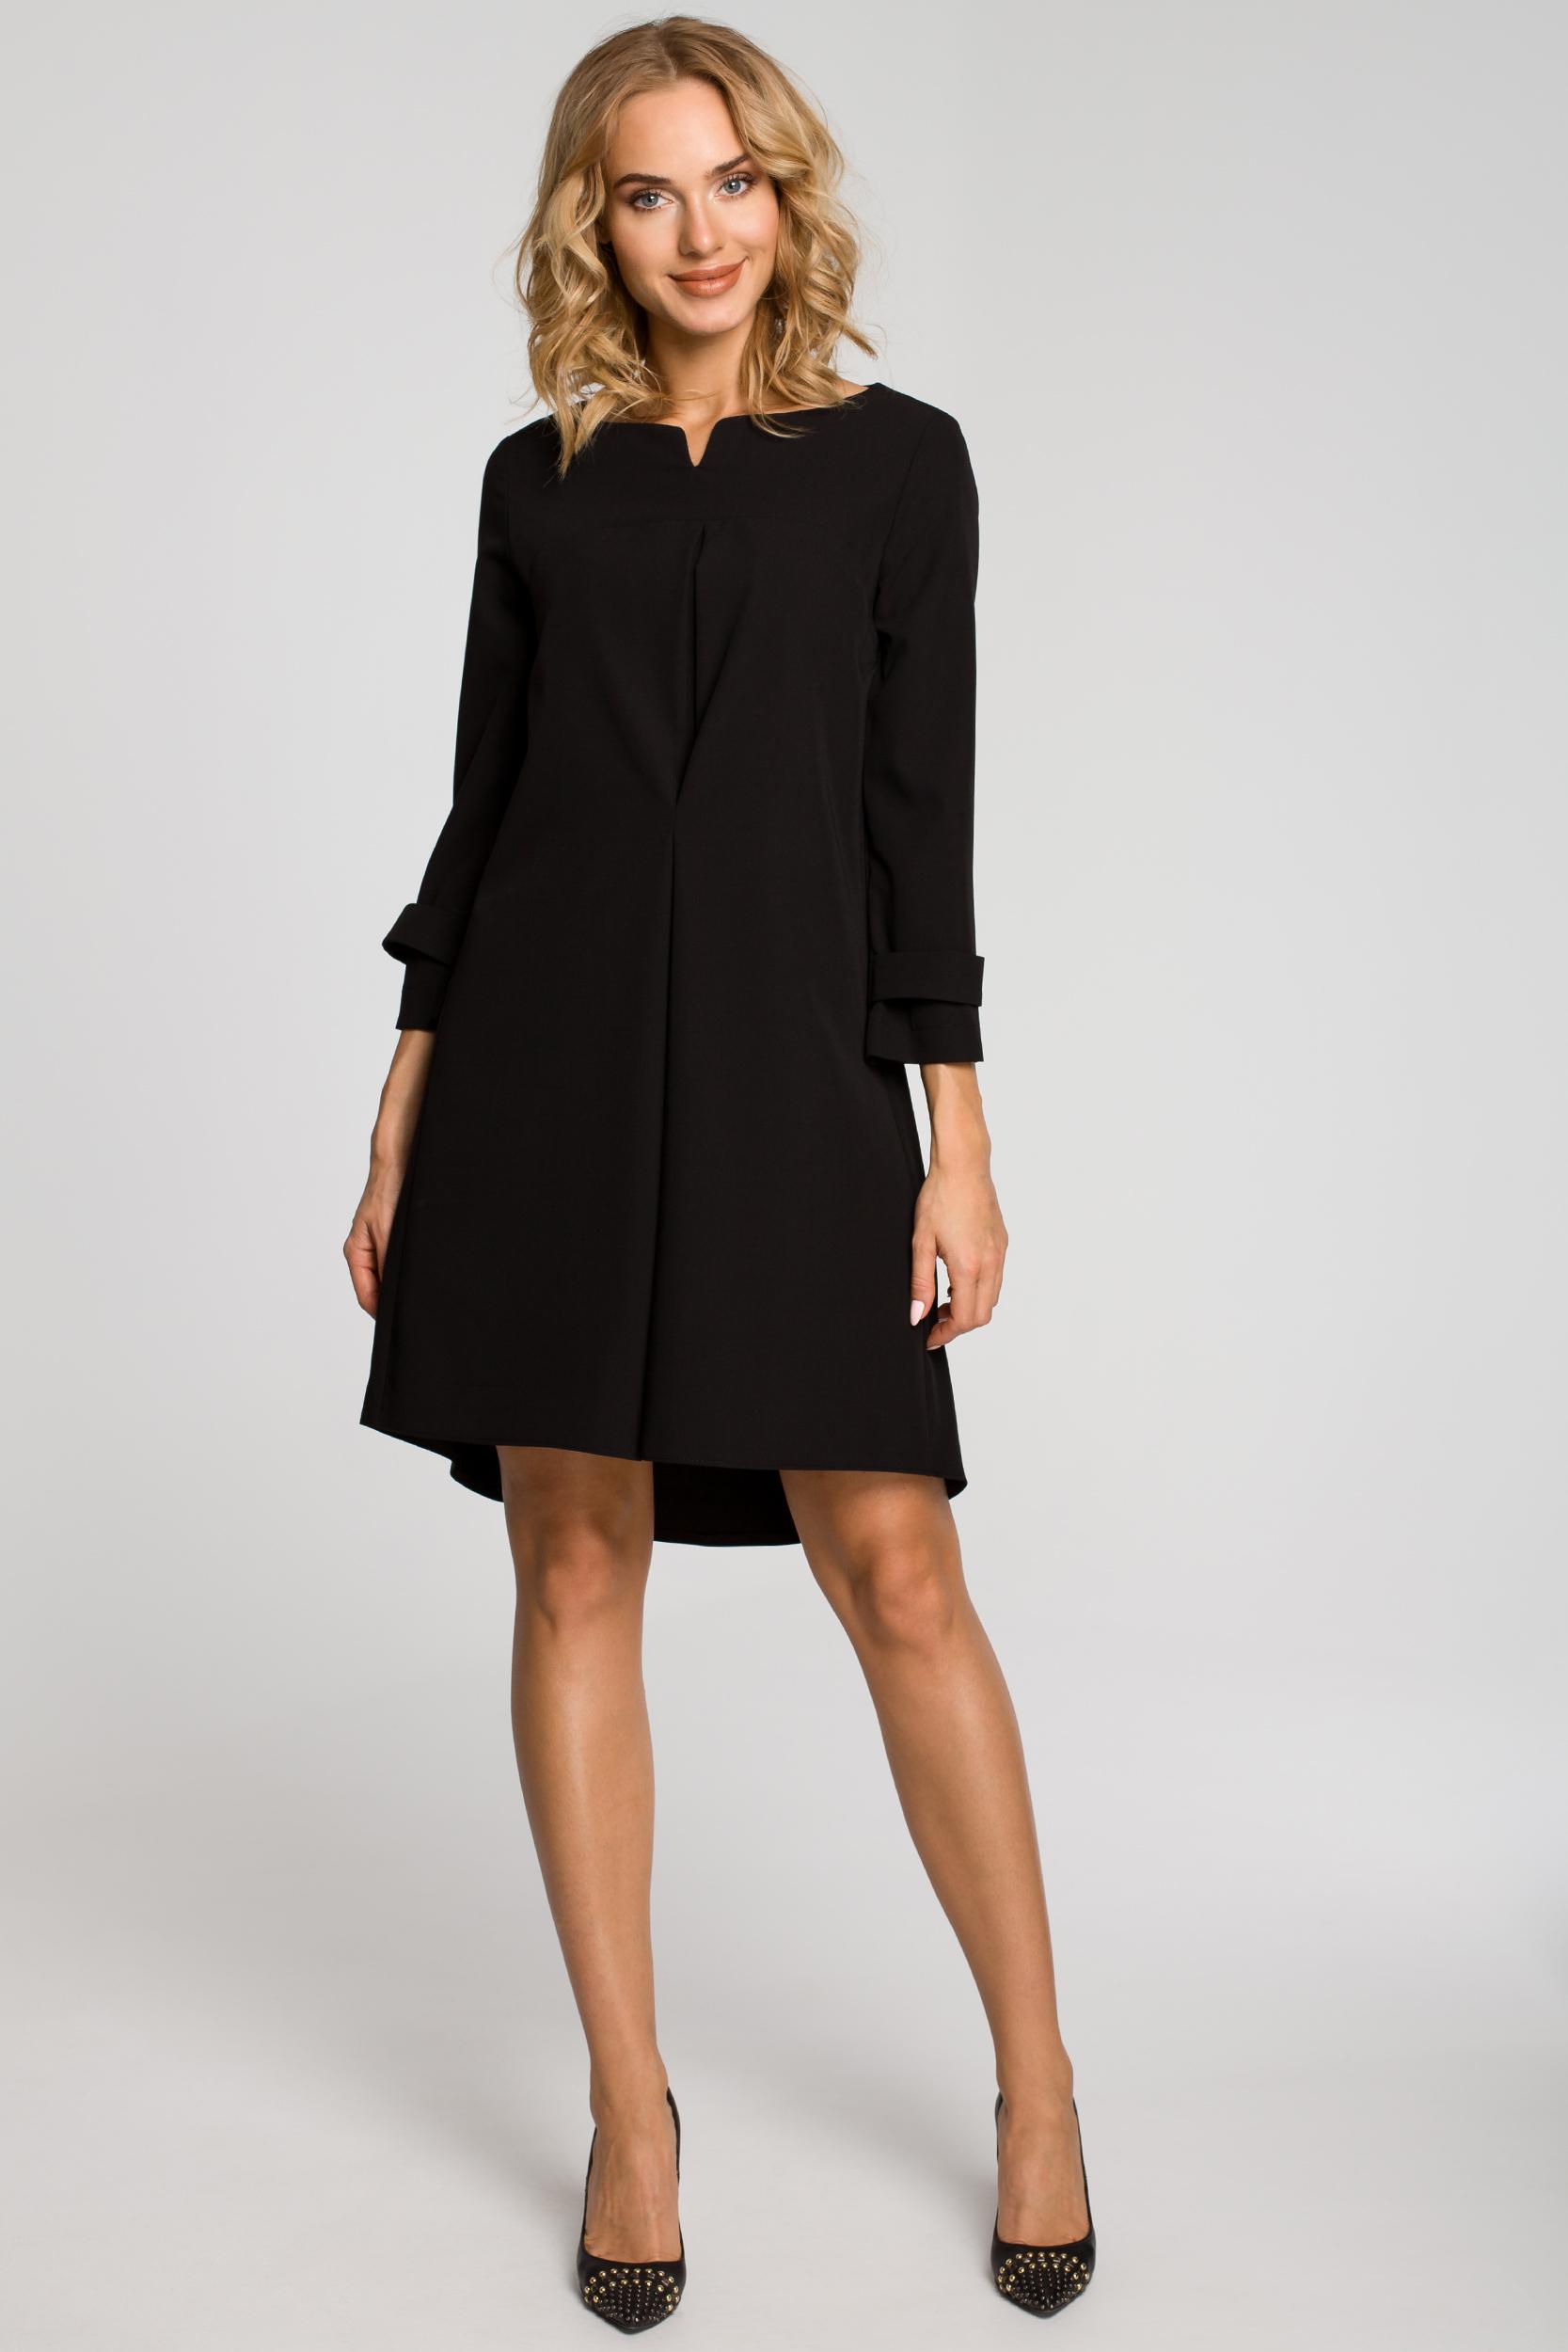 CM1150 Rozkloszowana sukienka na podszewce szeroki rękaw - czarna